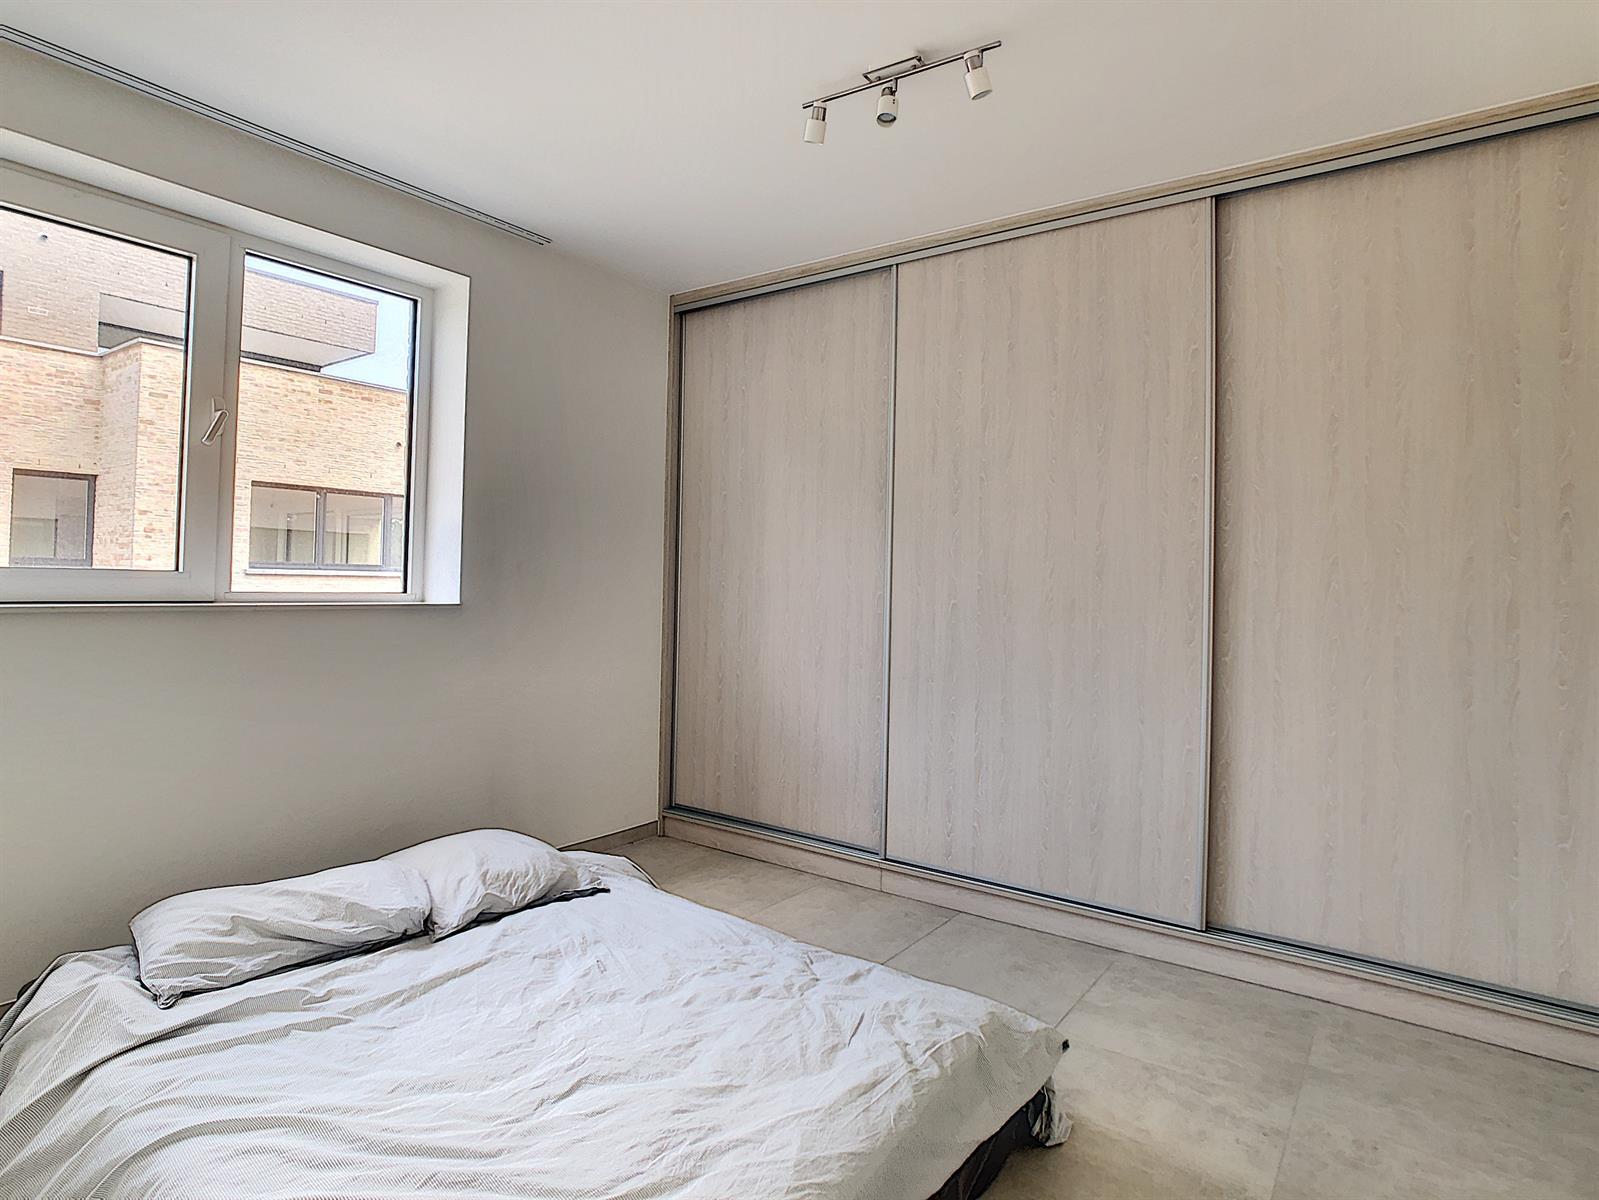 Appartement - Waterloo - #4422212-4